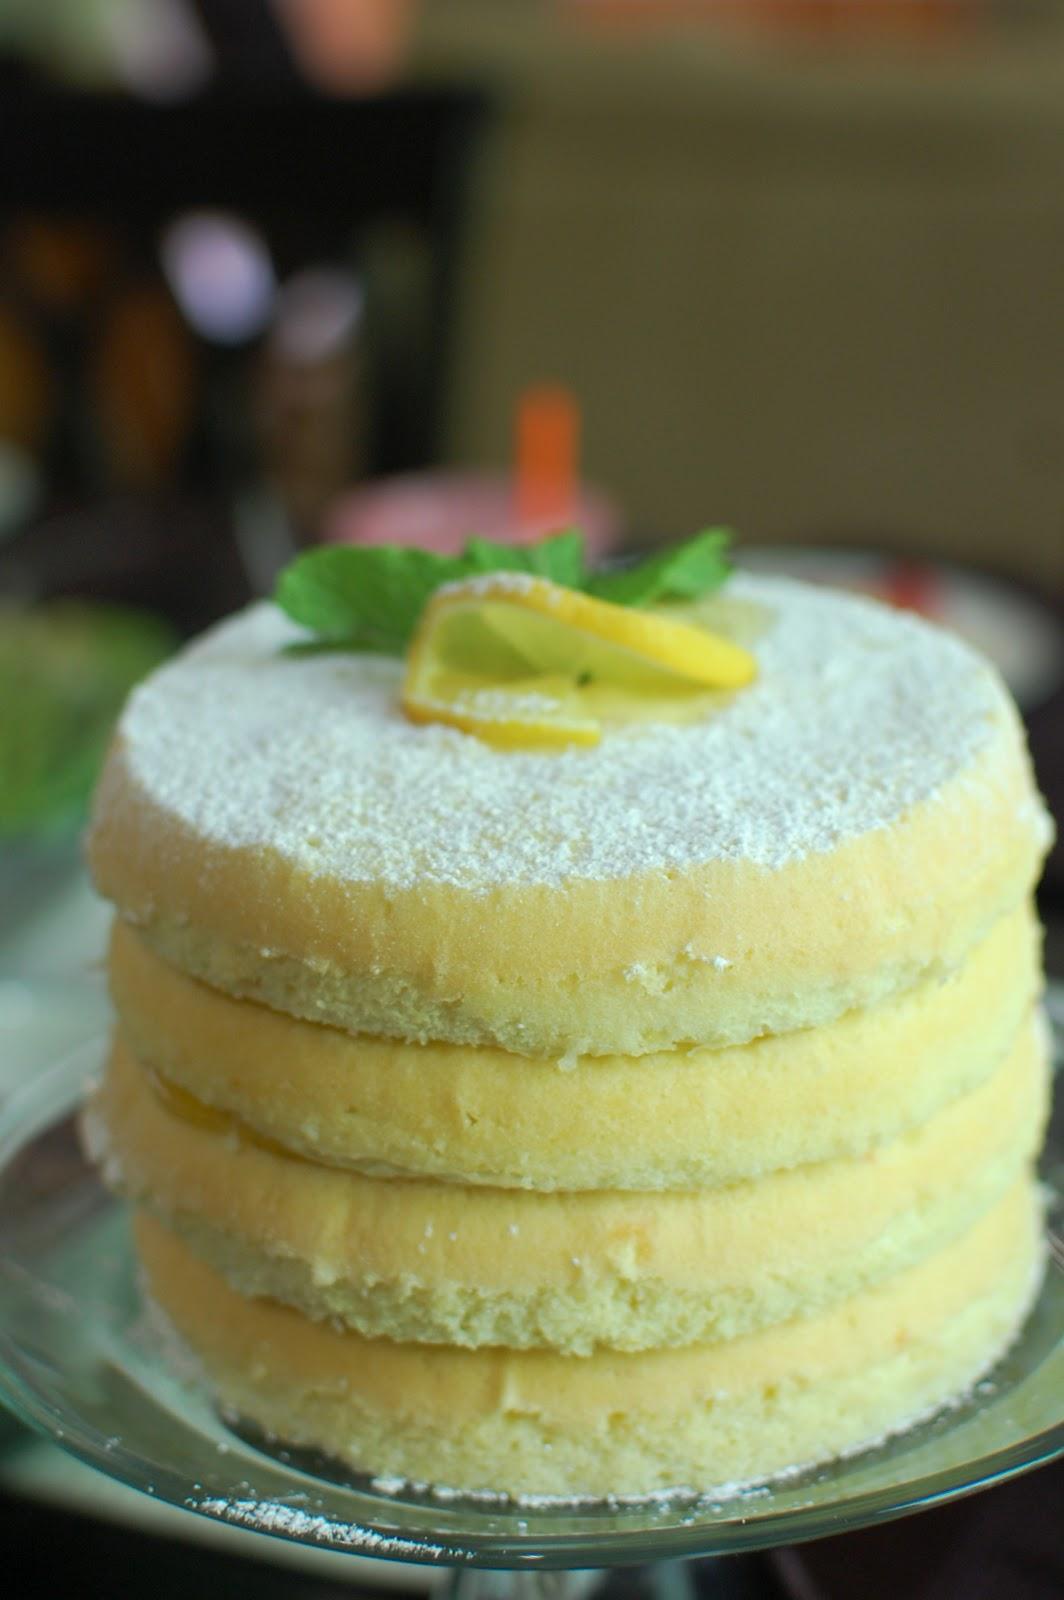 Cook Au Vin: Lemon Scented Olive Oil Cake with Lemon Curd Filling